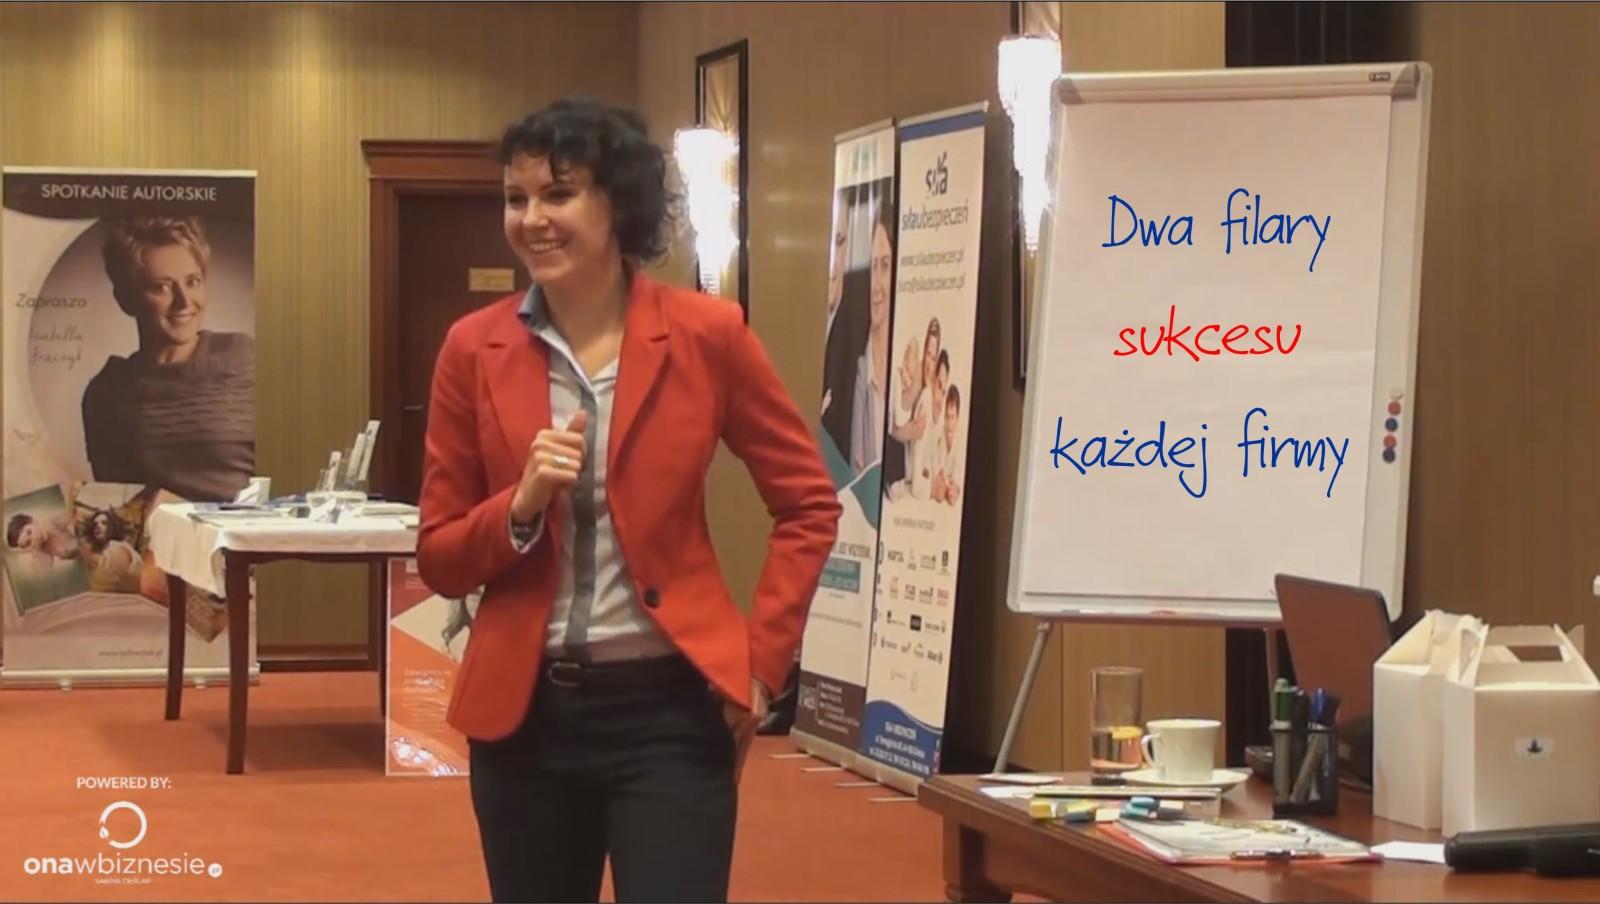 Iza Krejca-Pawski Wystąpienie Dwa filary sukcesu w biznesie i sprzedaży